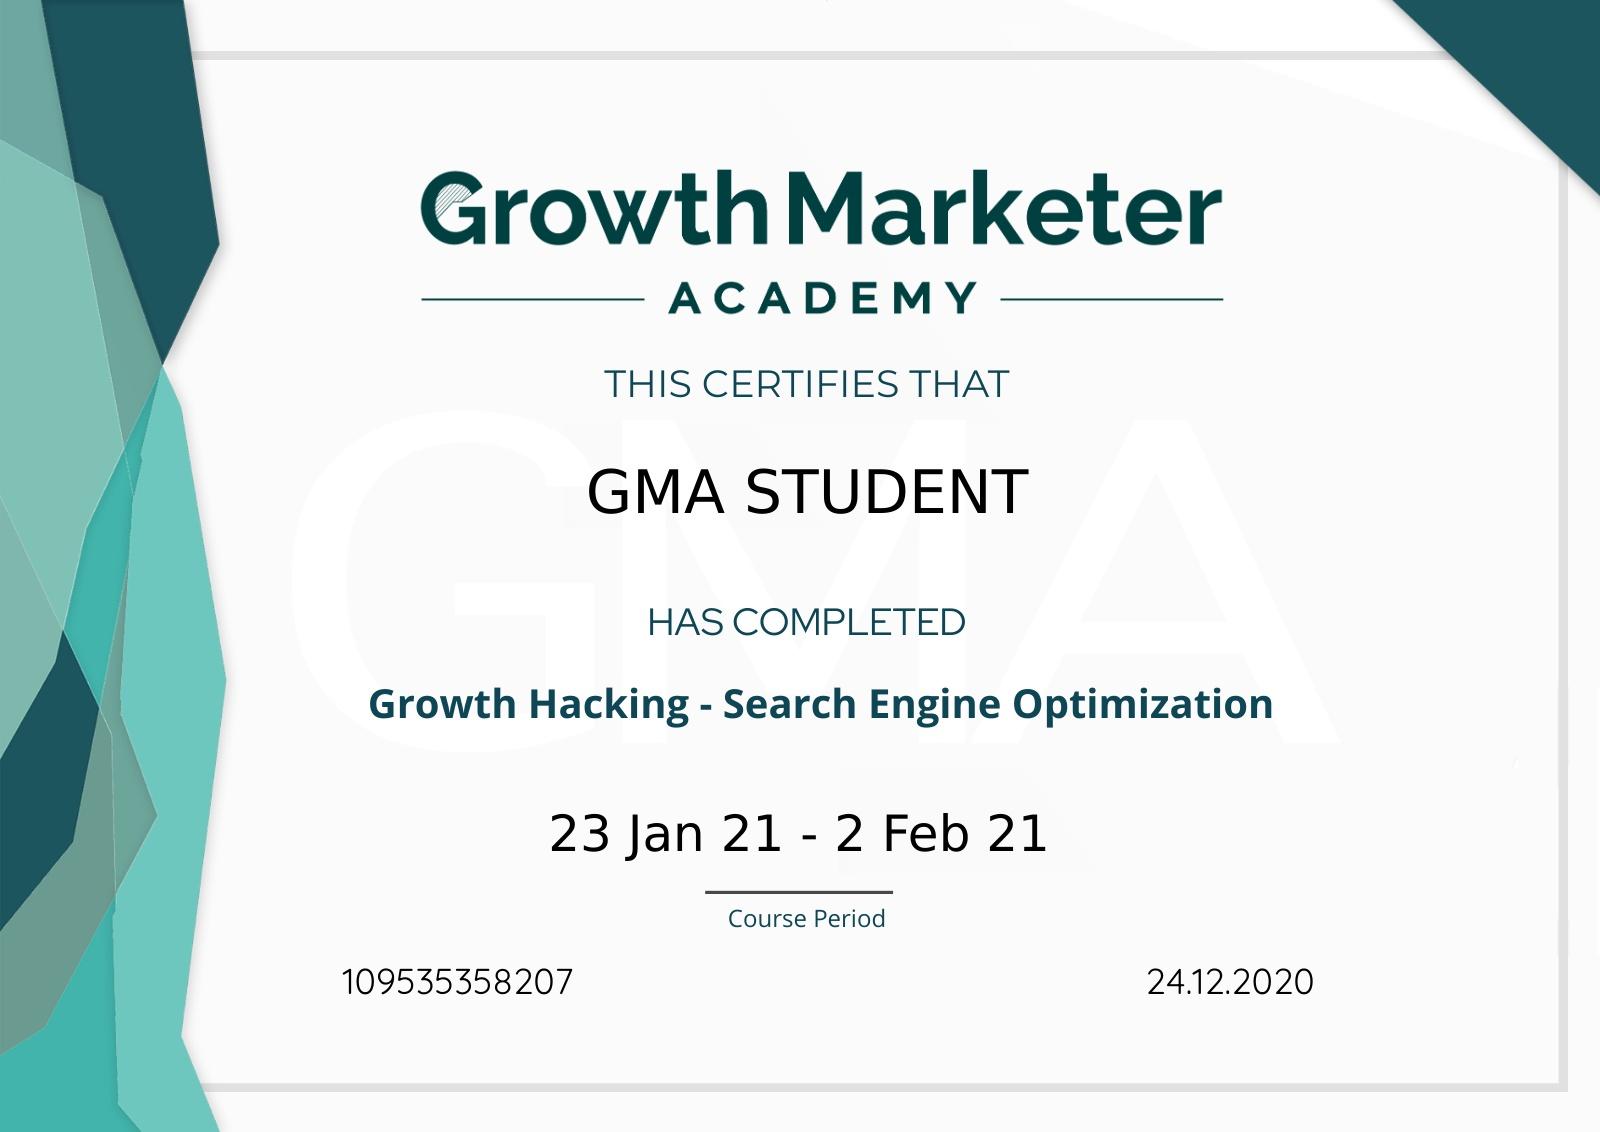 GMA e-certificate